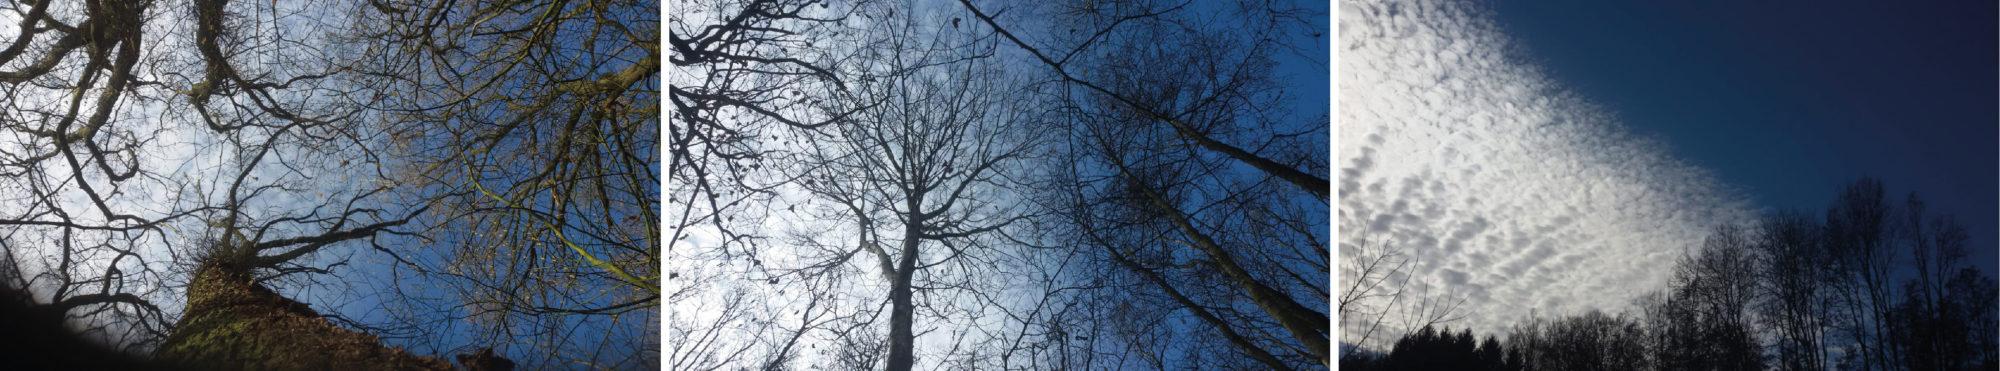 Ferienwohnungen am Wald